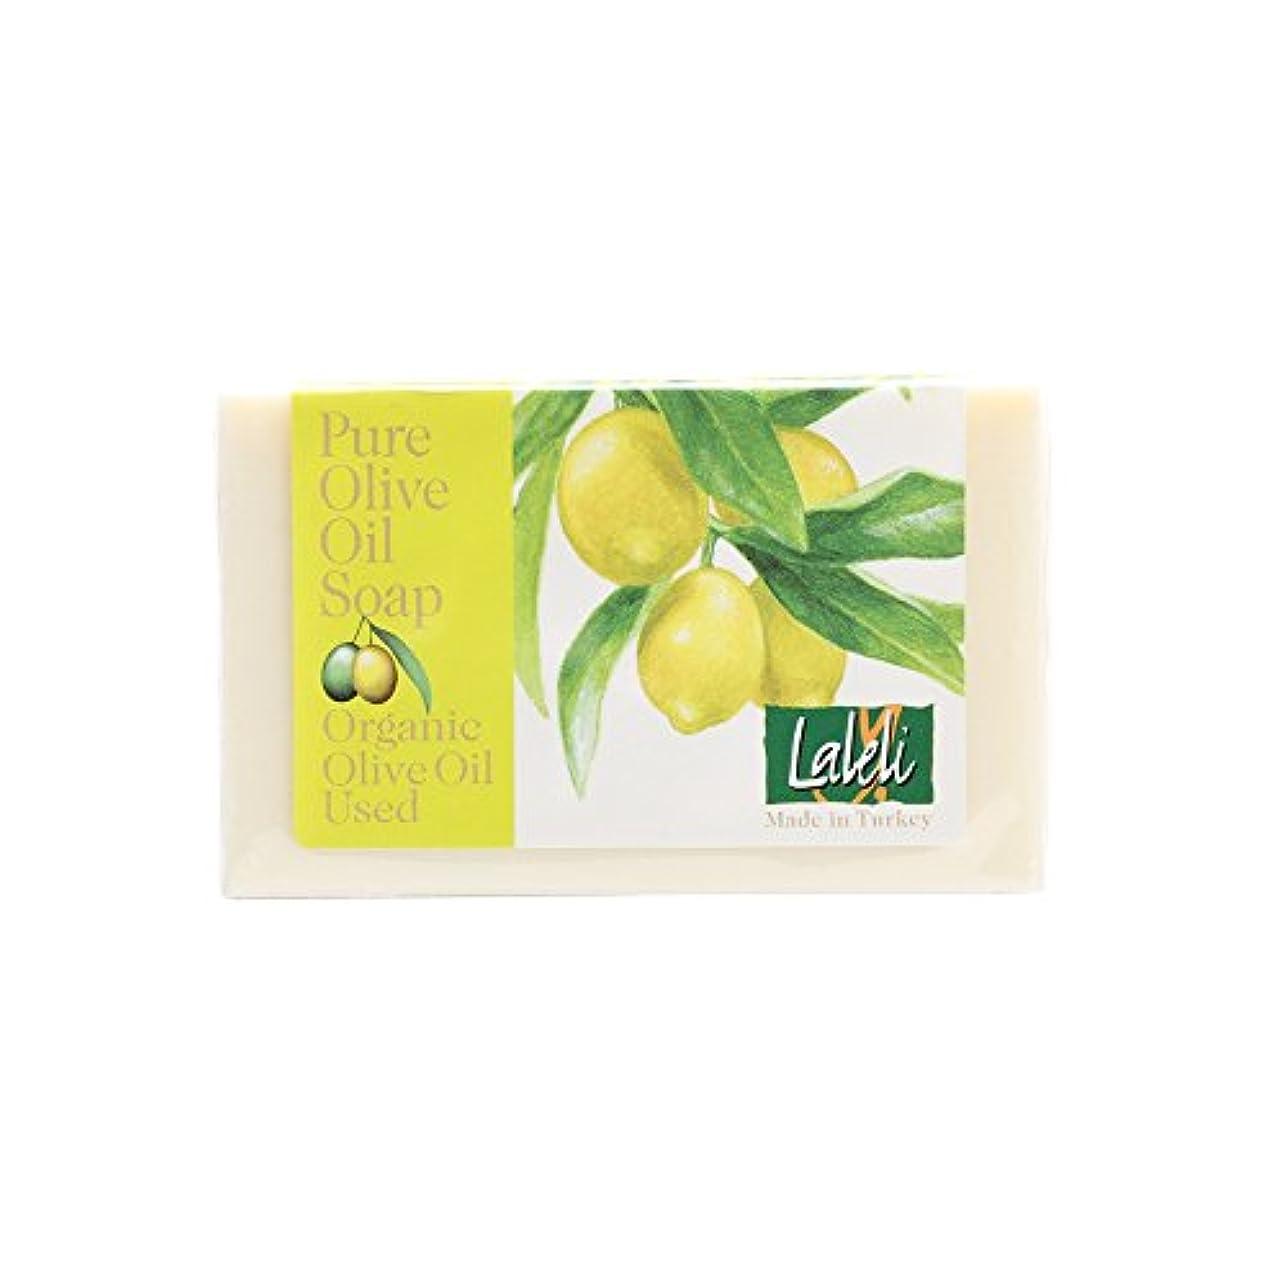 ラーレリ オーガニックオリーブオイルソープ レモン 120g